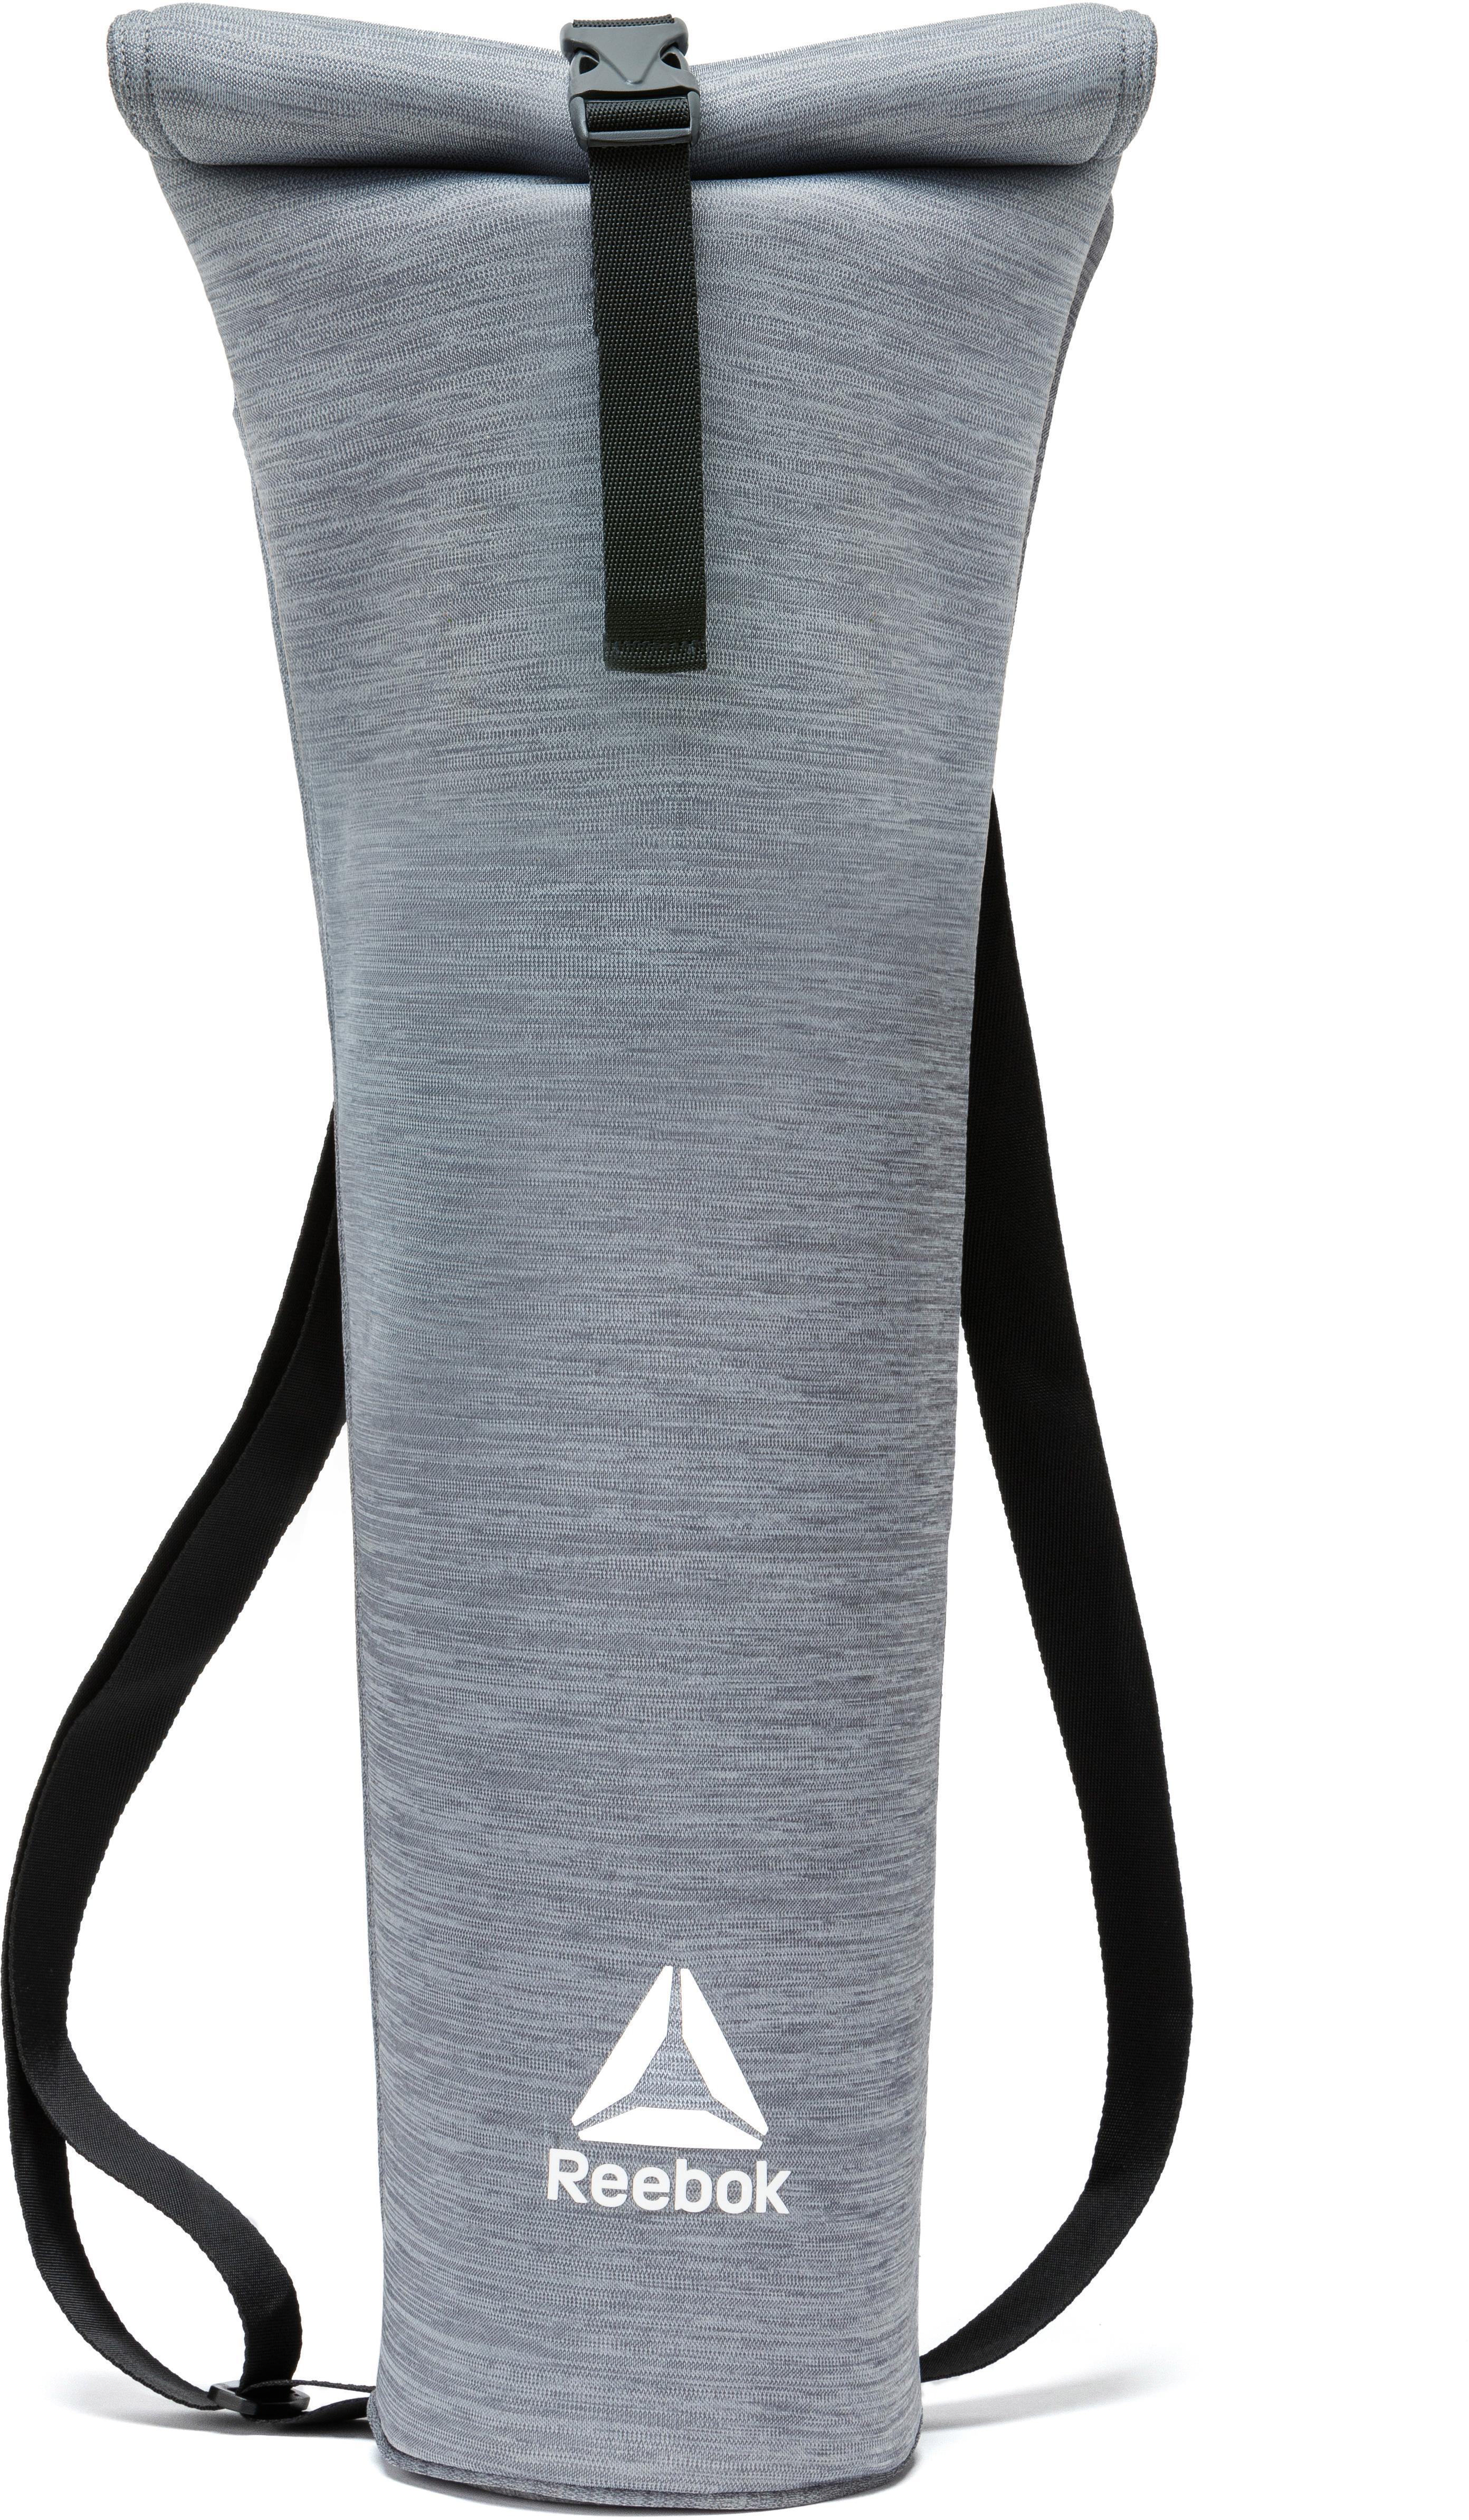 Reebok Yogatasche Mat Bag - Grey Technik & Freizeit/Sport & Freizeit/Sportausrüstung & Accessoires/Taschen/Yogataschen